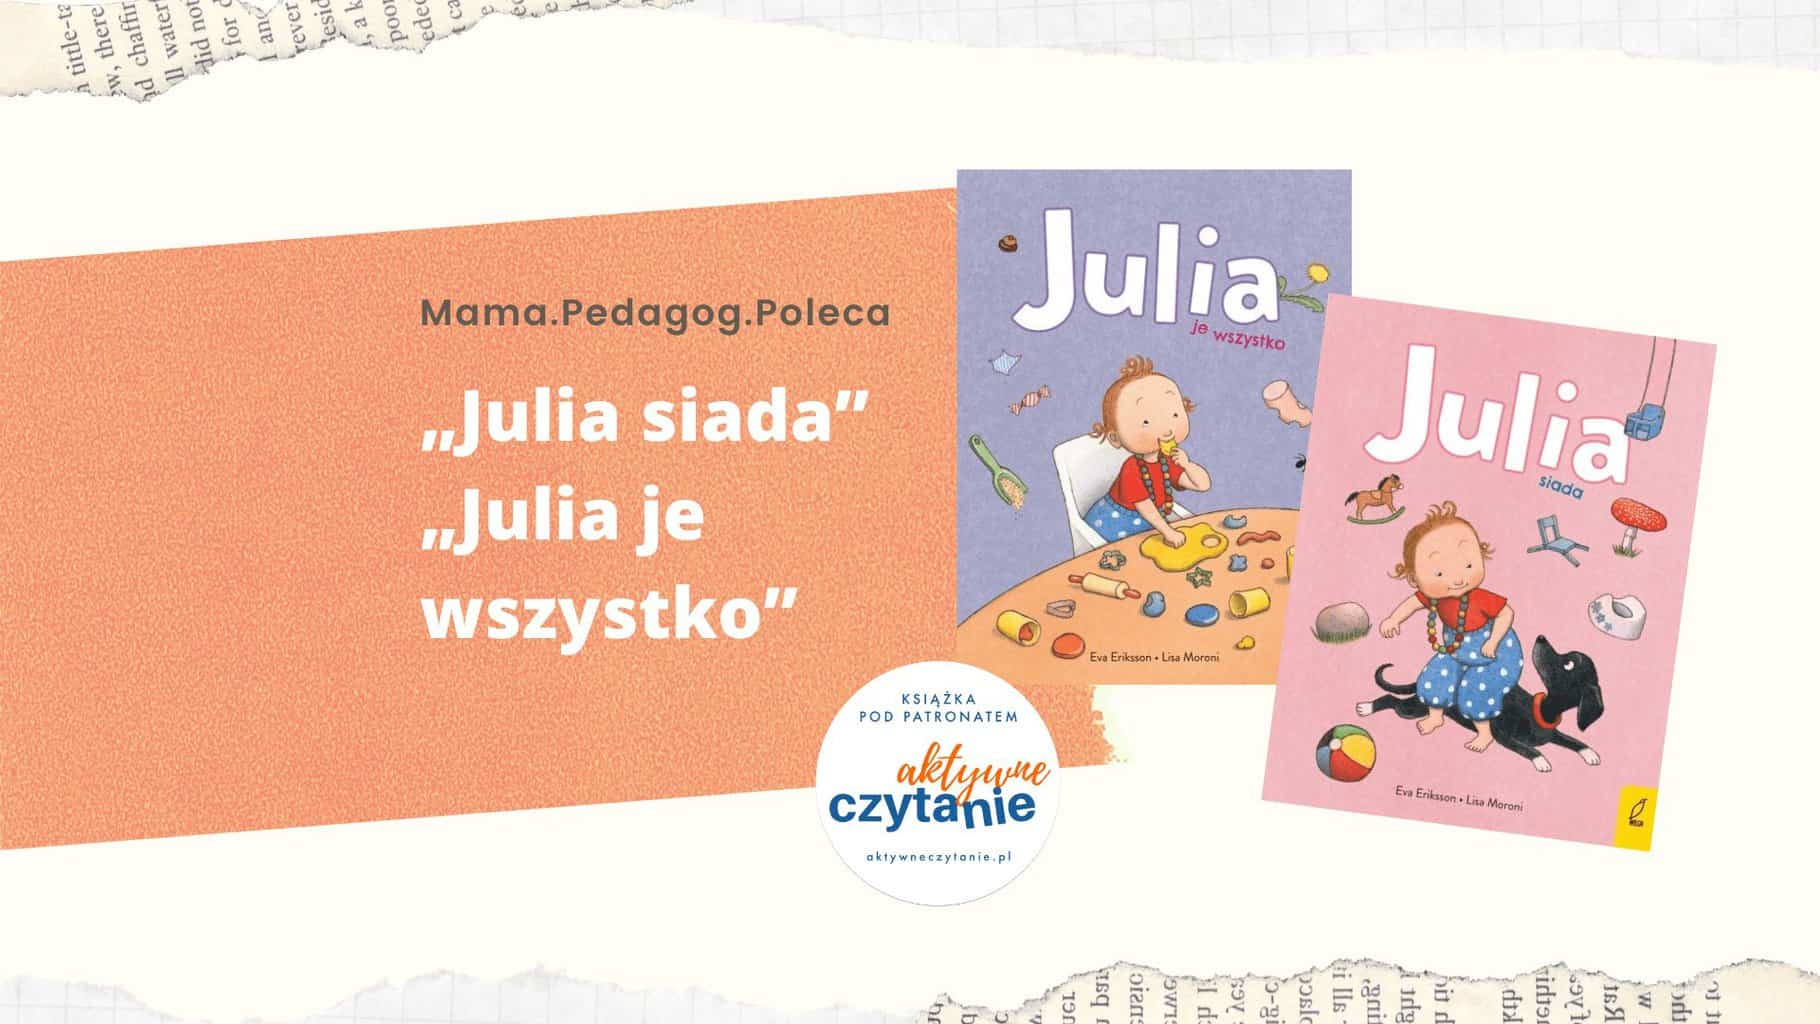 julia-sie-chowa-julia-je-wszystko